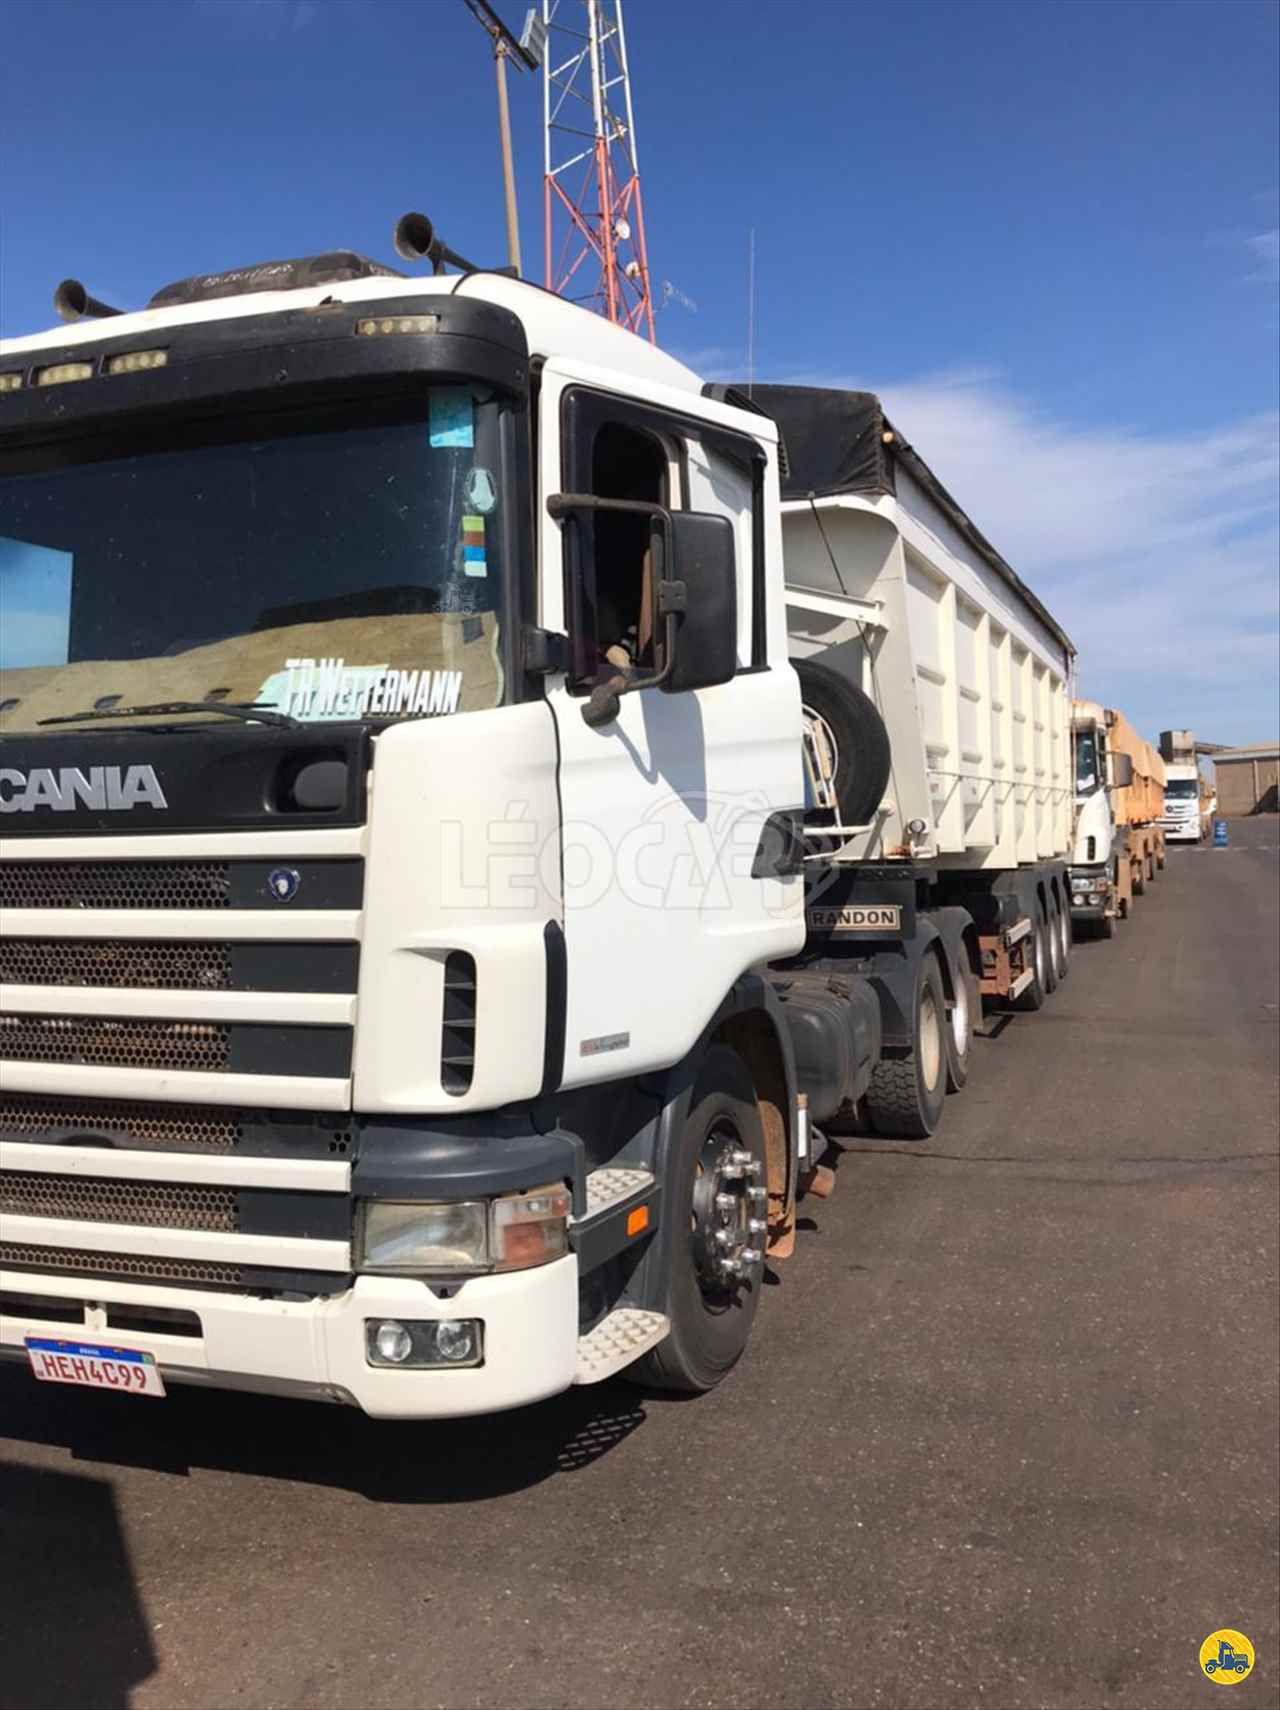 SCANIA 380 de Leocar Caminhões - PRIMAVERA DO LESTE/MT